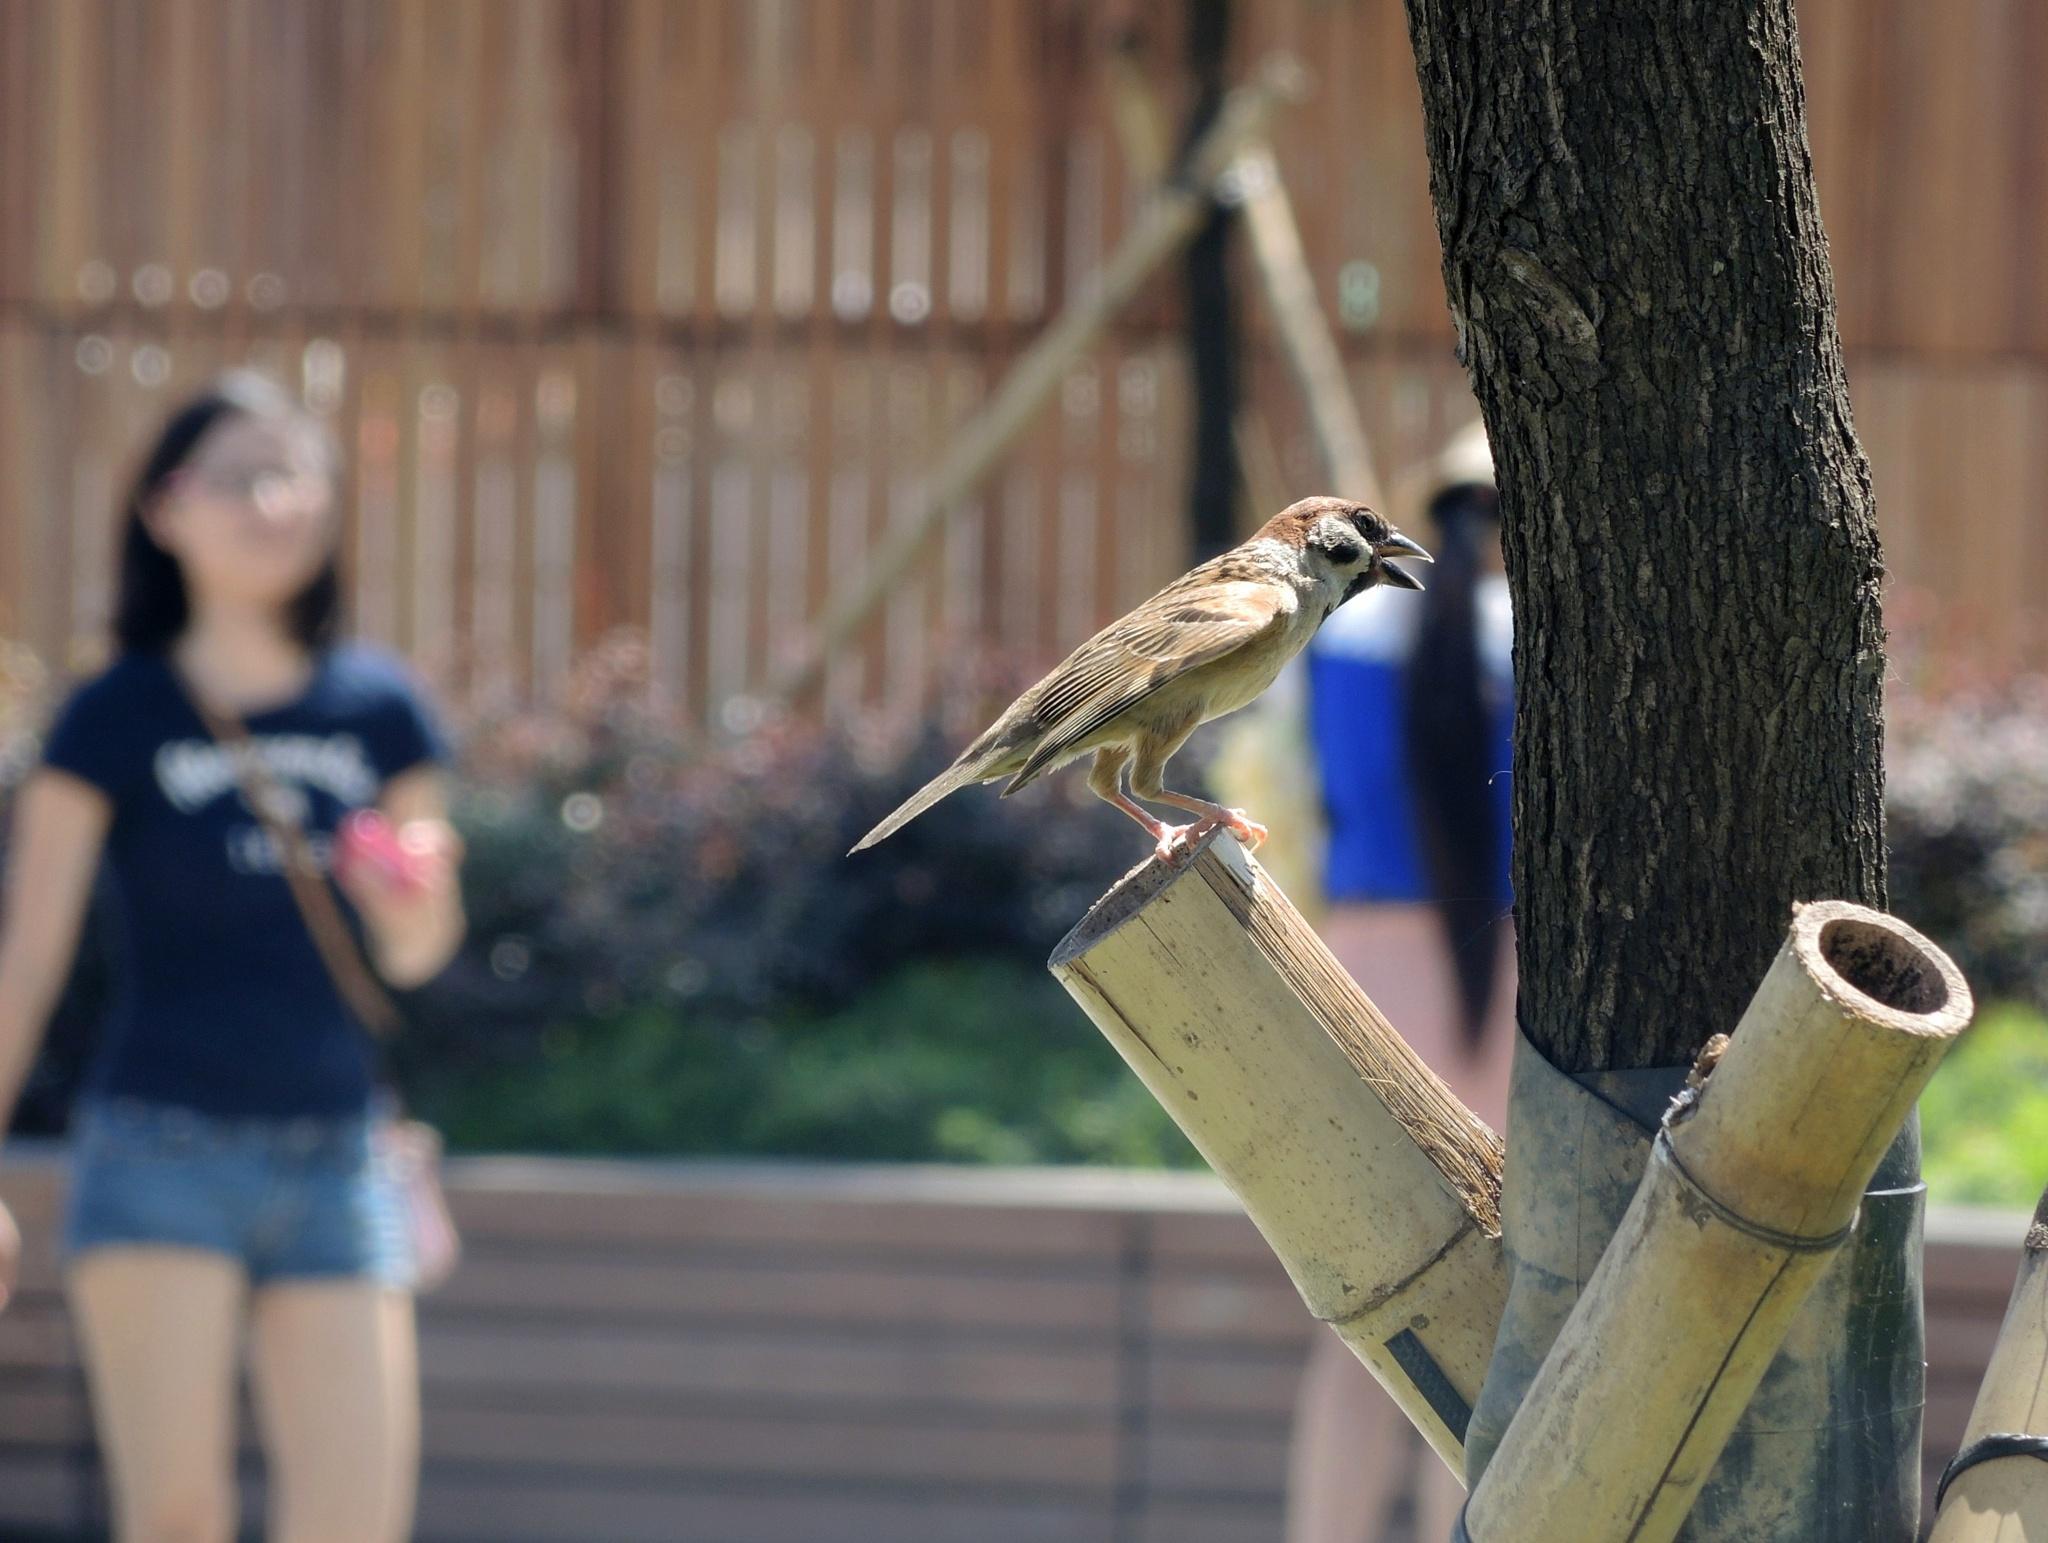 Sparrow at Tsimshatsui, Hong Kong by pop88123